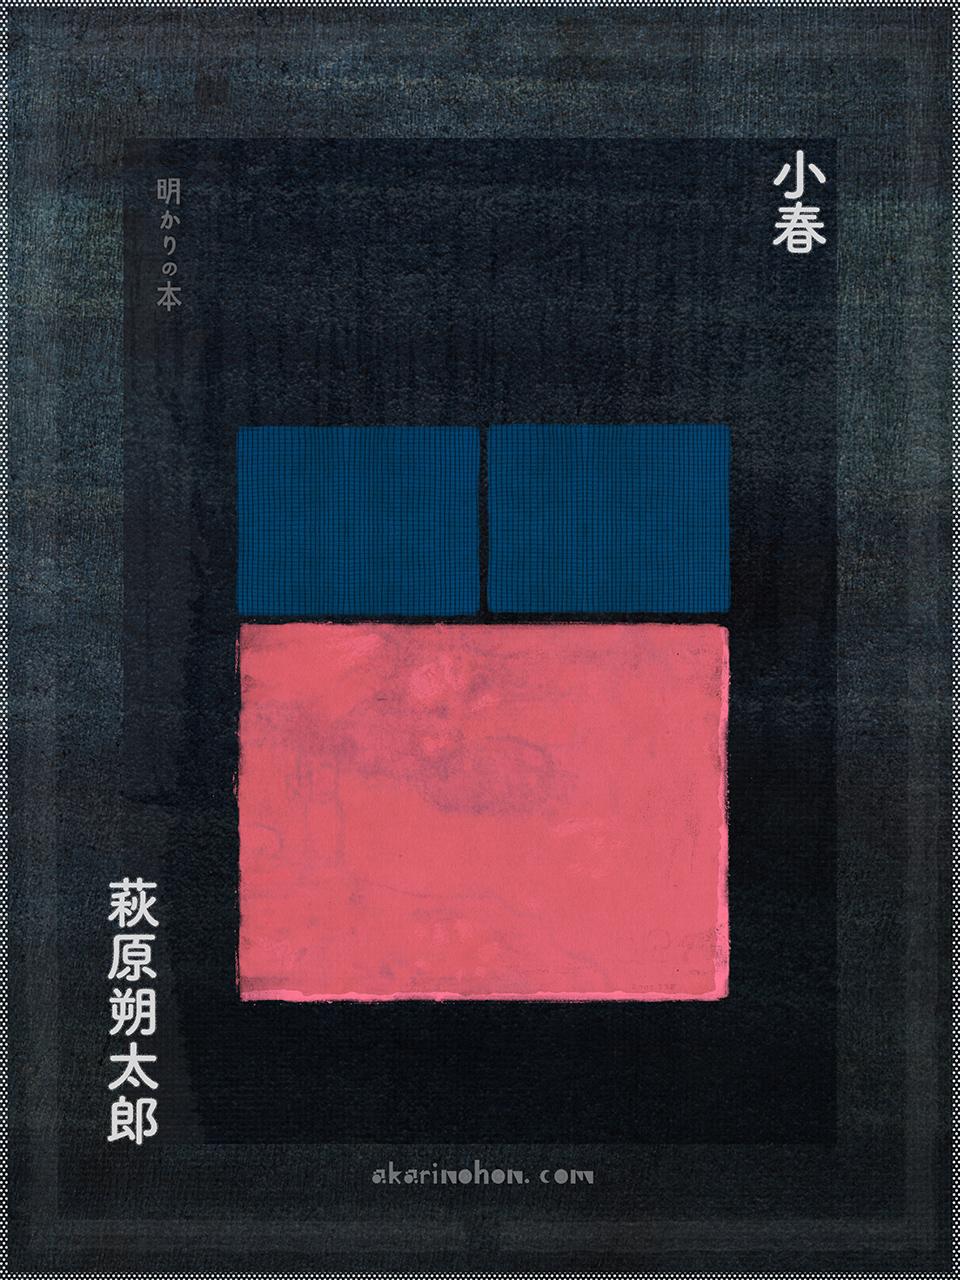 0000 - 小春 萩原朔太郎